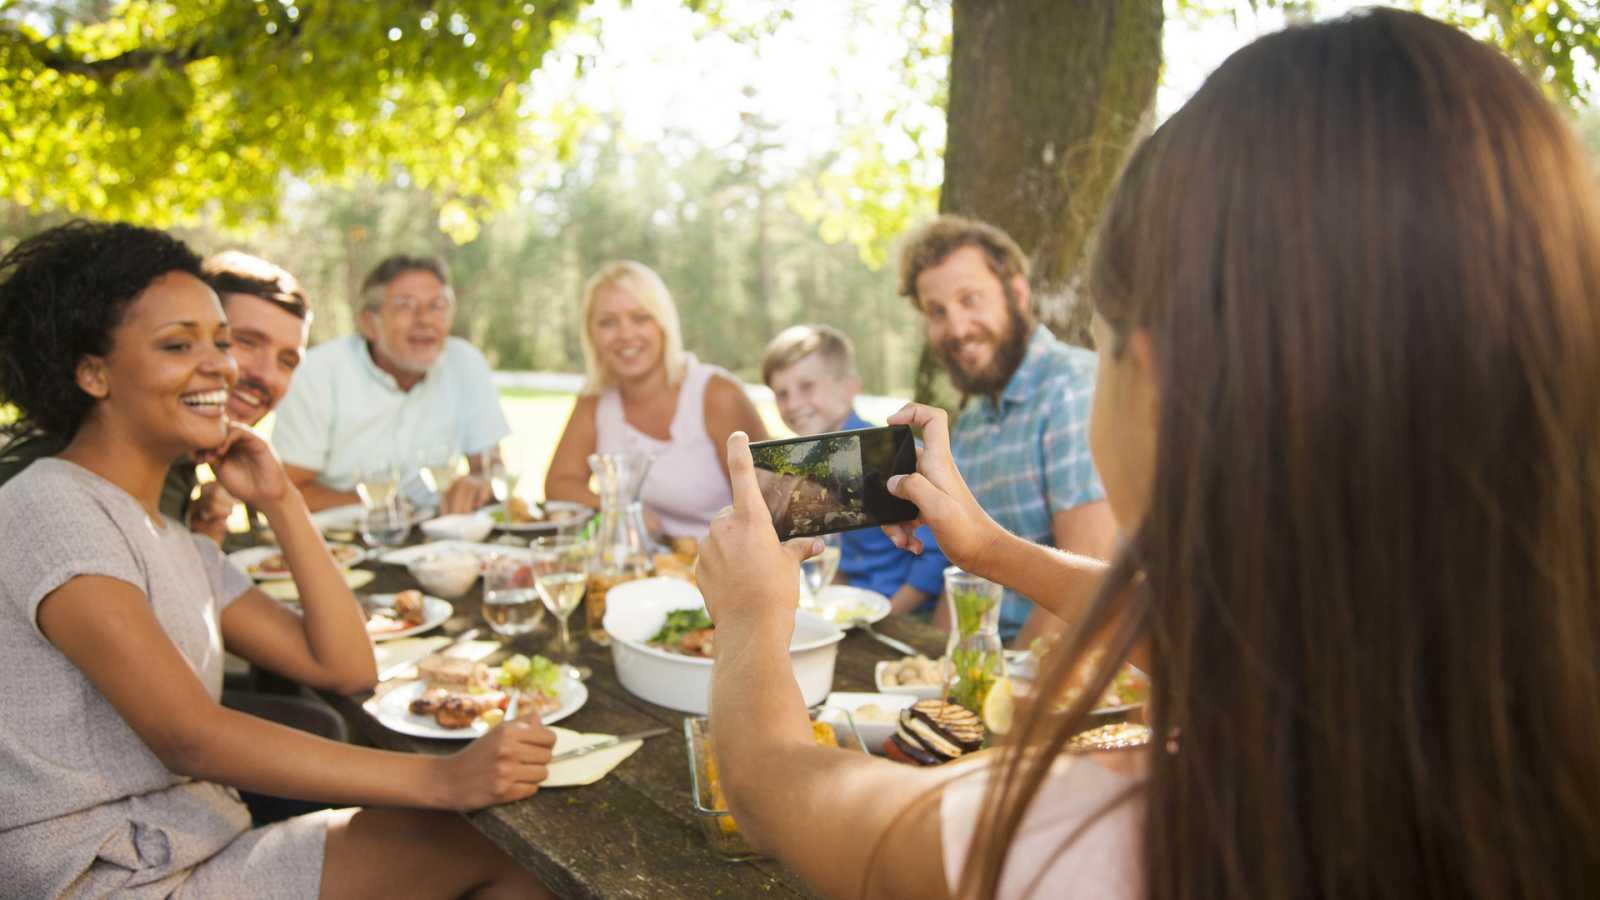 Los diez consejos para evitar el contagio de covid en las reuniones familiares